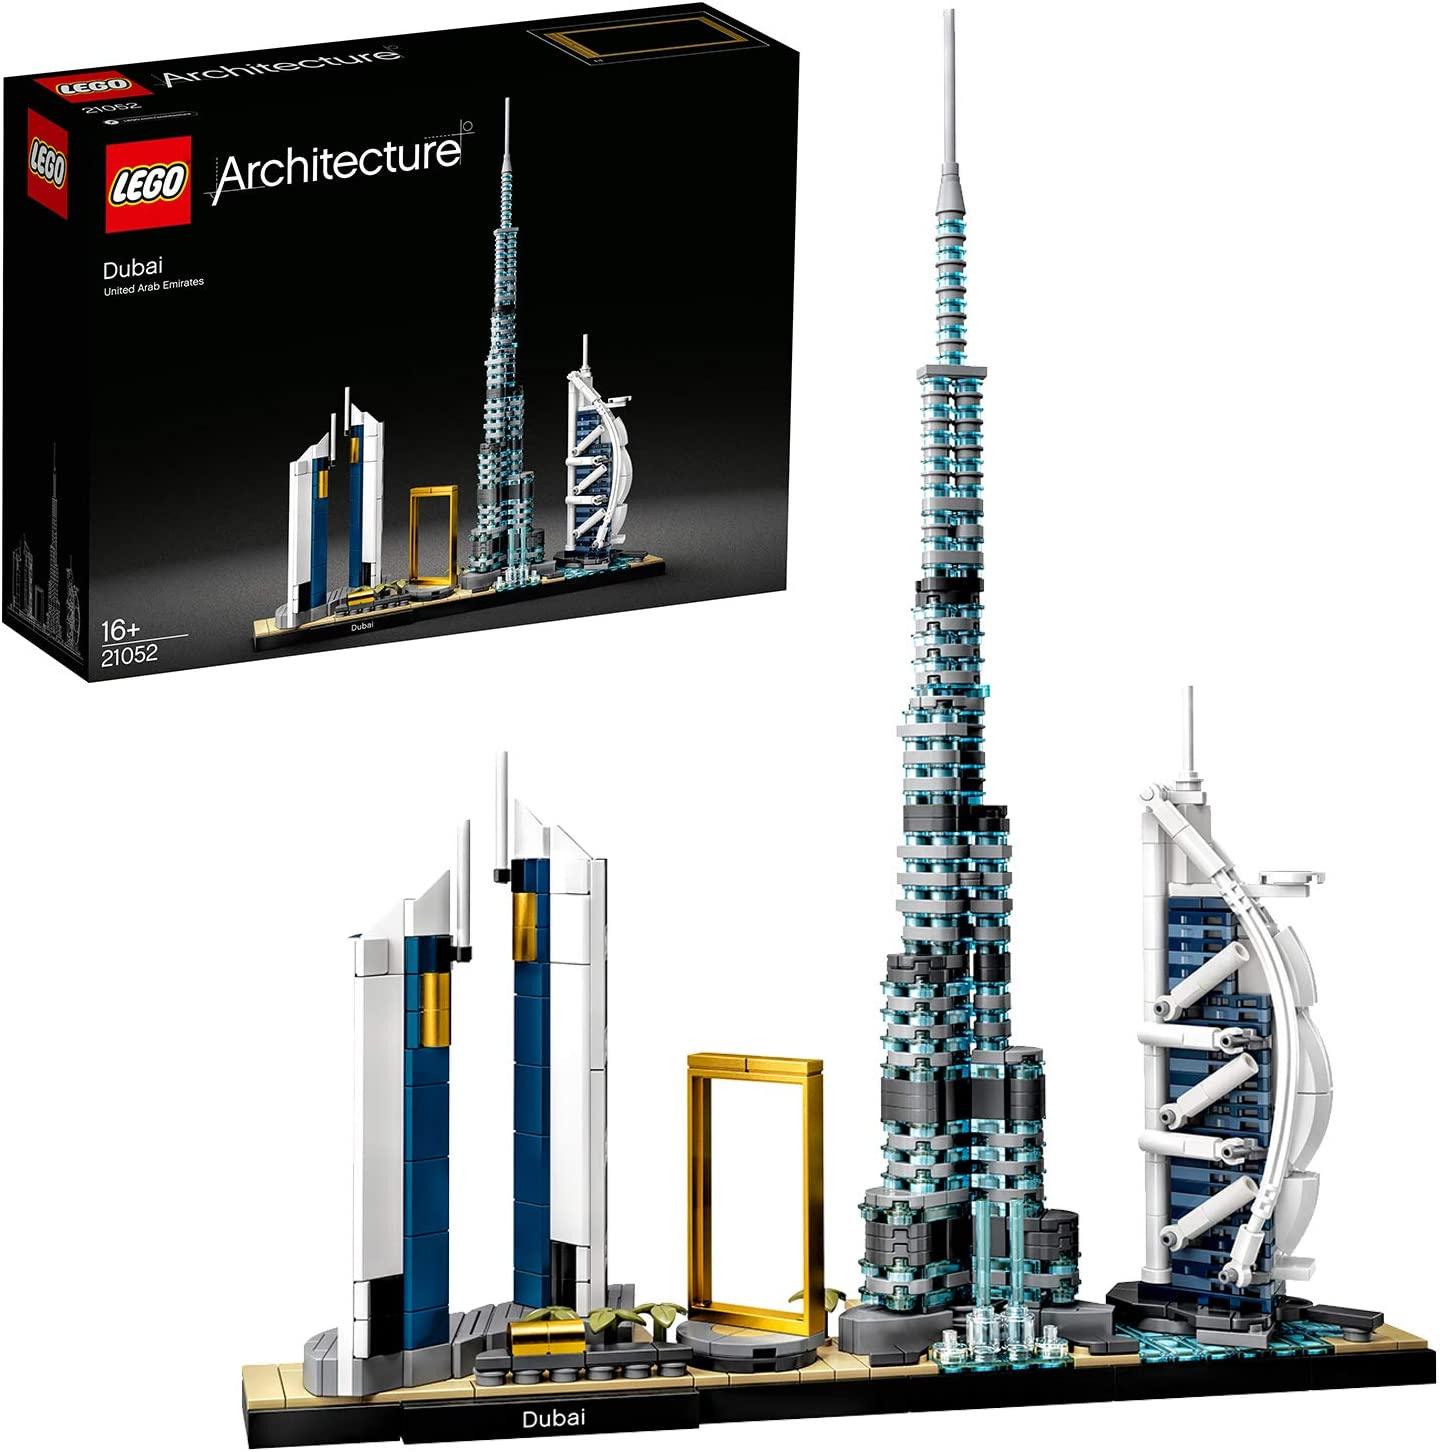 Jeu de construction Lego Architecture - Dubaï set (21052)